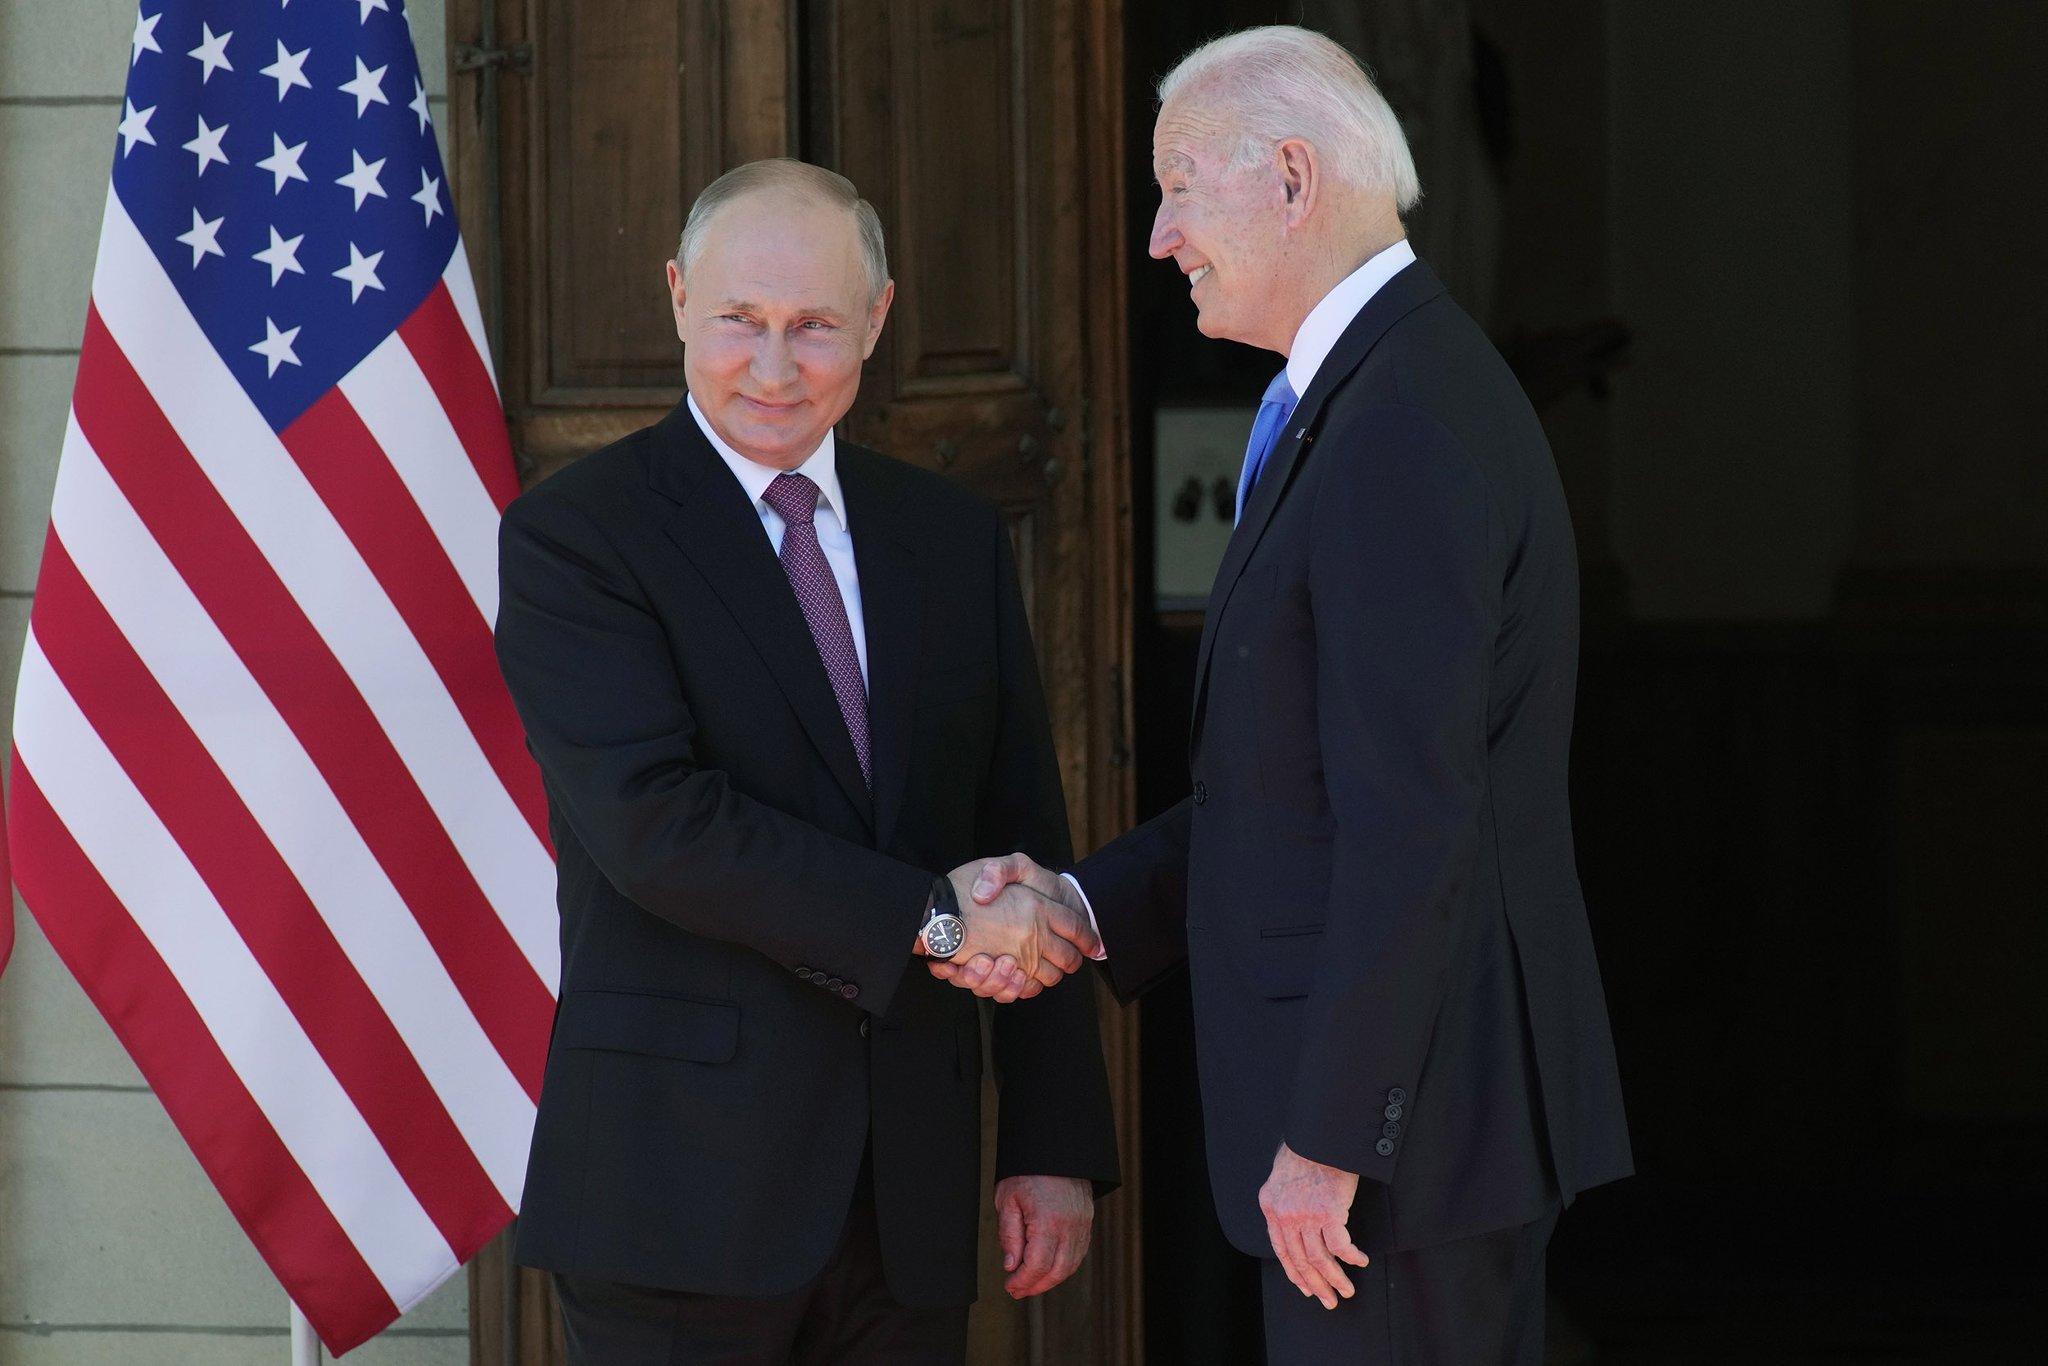 Biden and Putin set for long, tense summit in Geneva